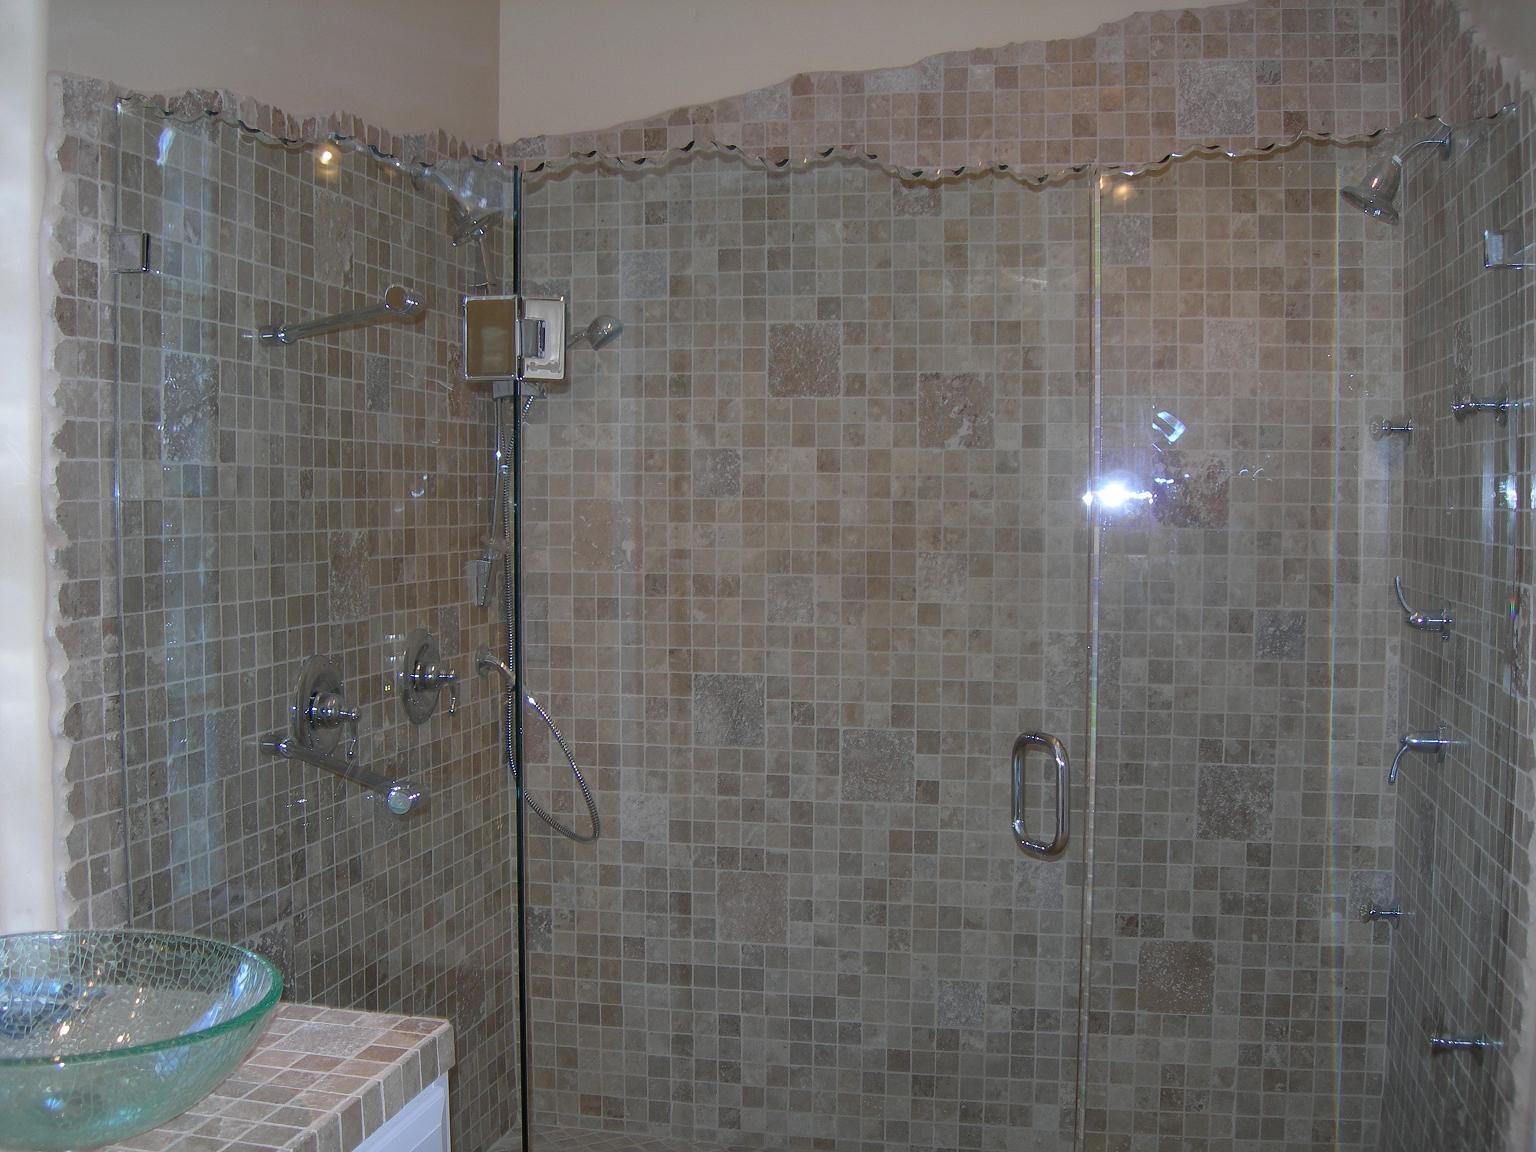 Sea Breeze Glass San Diego Broken Edge Shower Door Image Proview